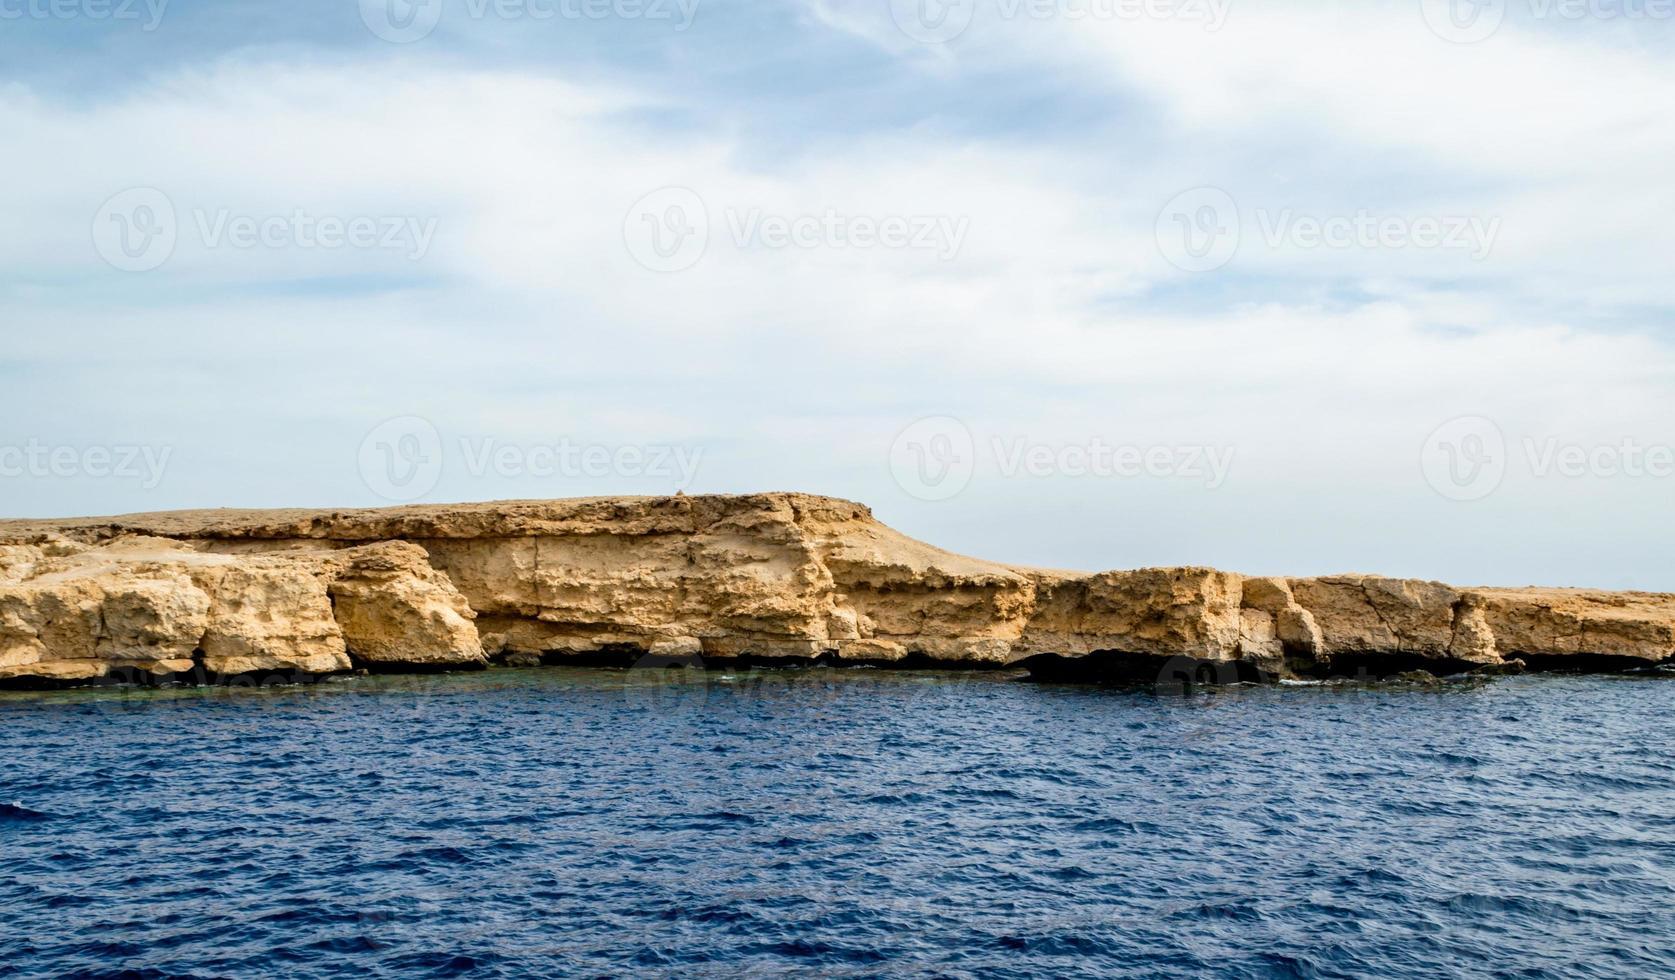 côte rocheuse et eau bleue photo